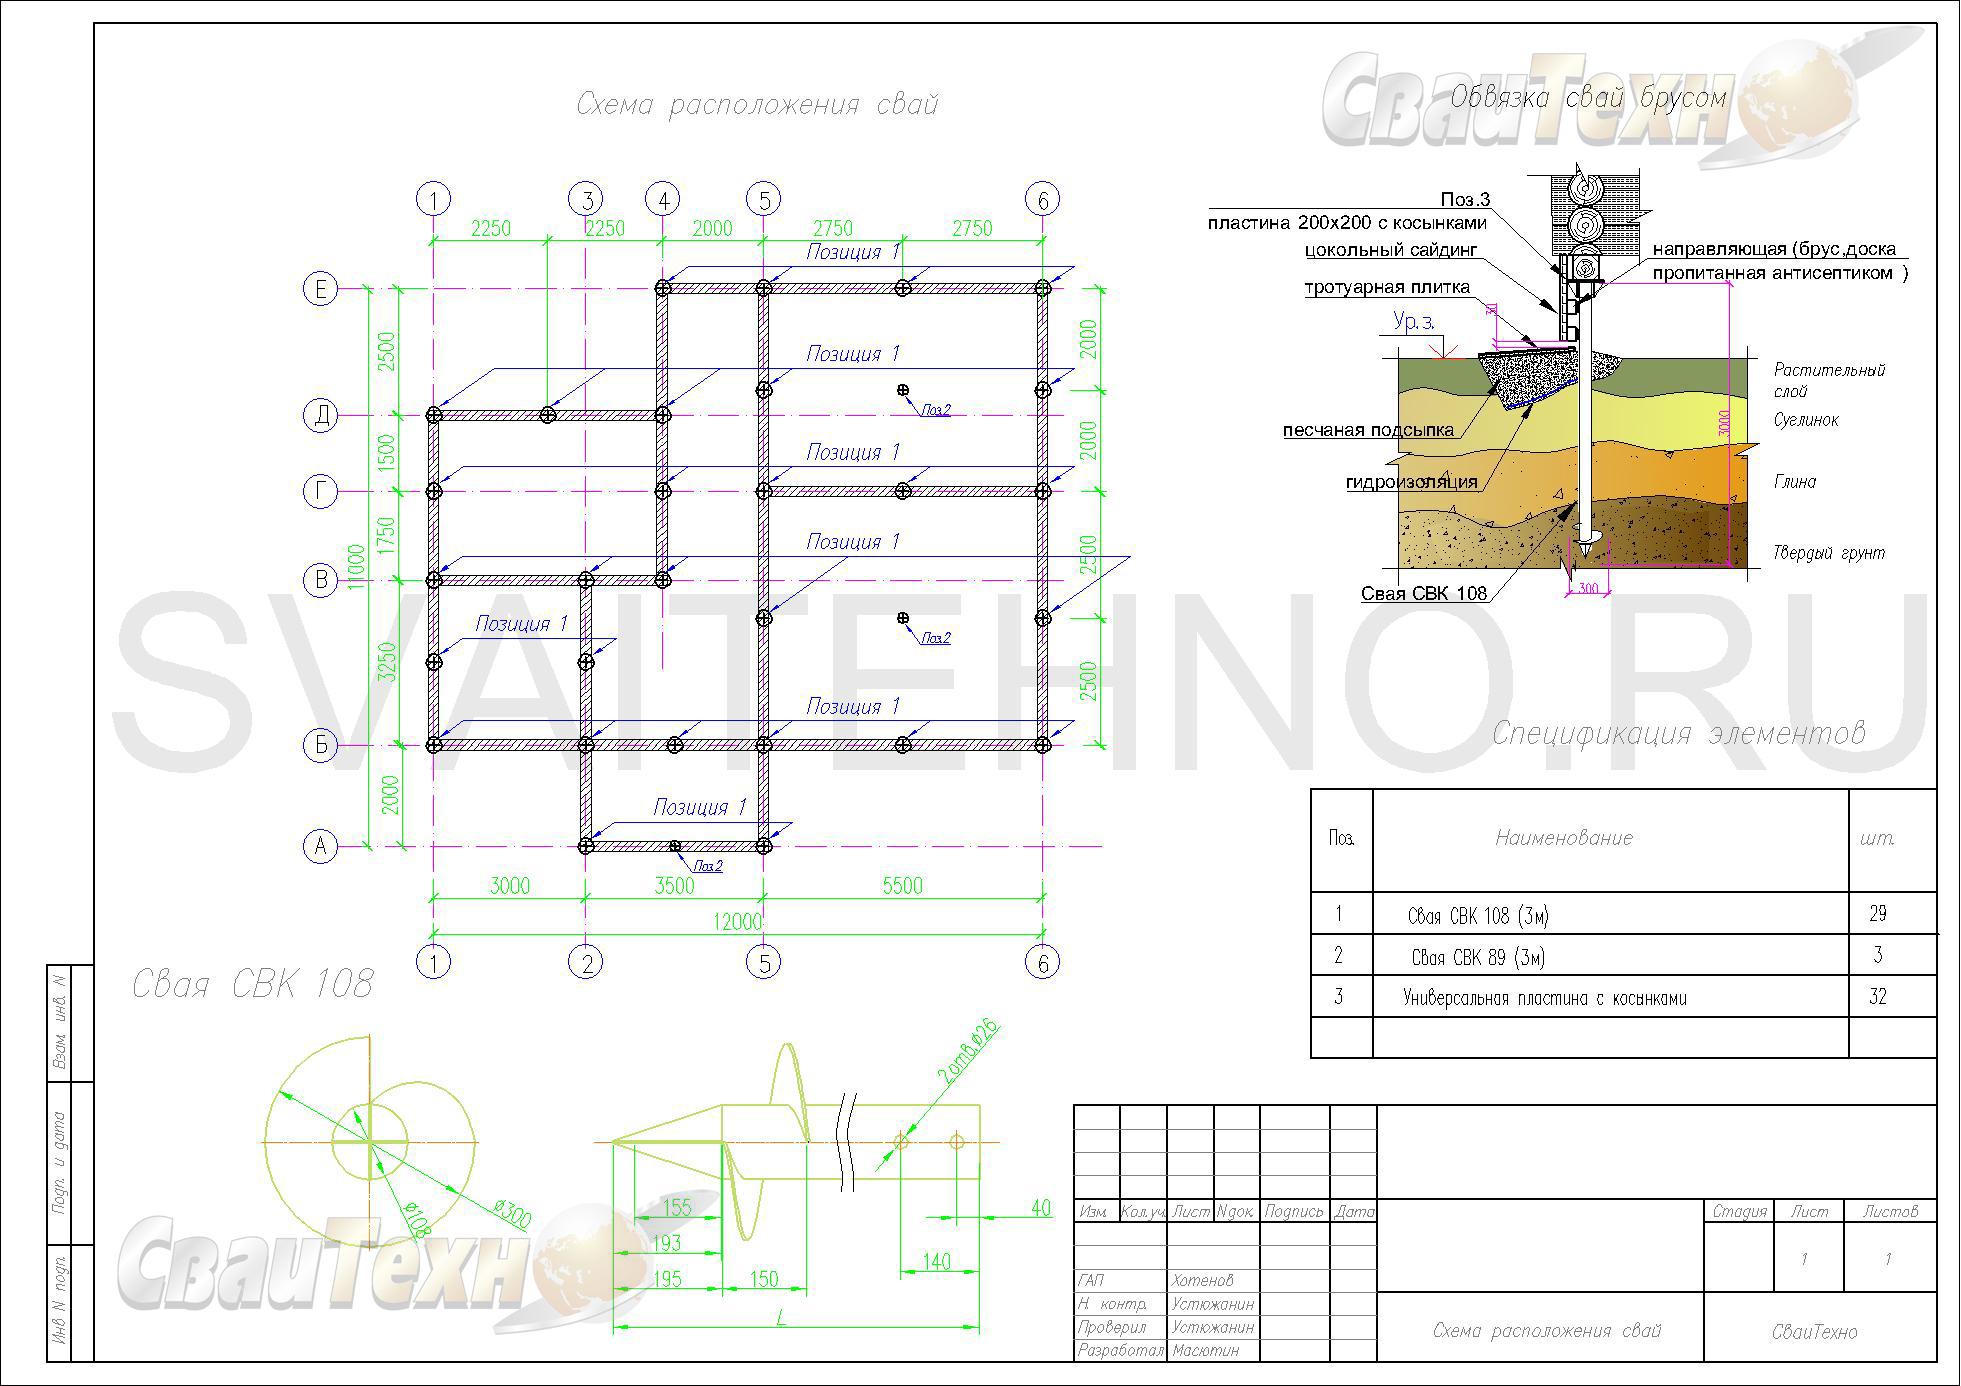 Схема расположения свай для фундамента дома из профилированного бруса с мансардным этажом